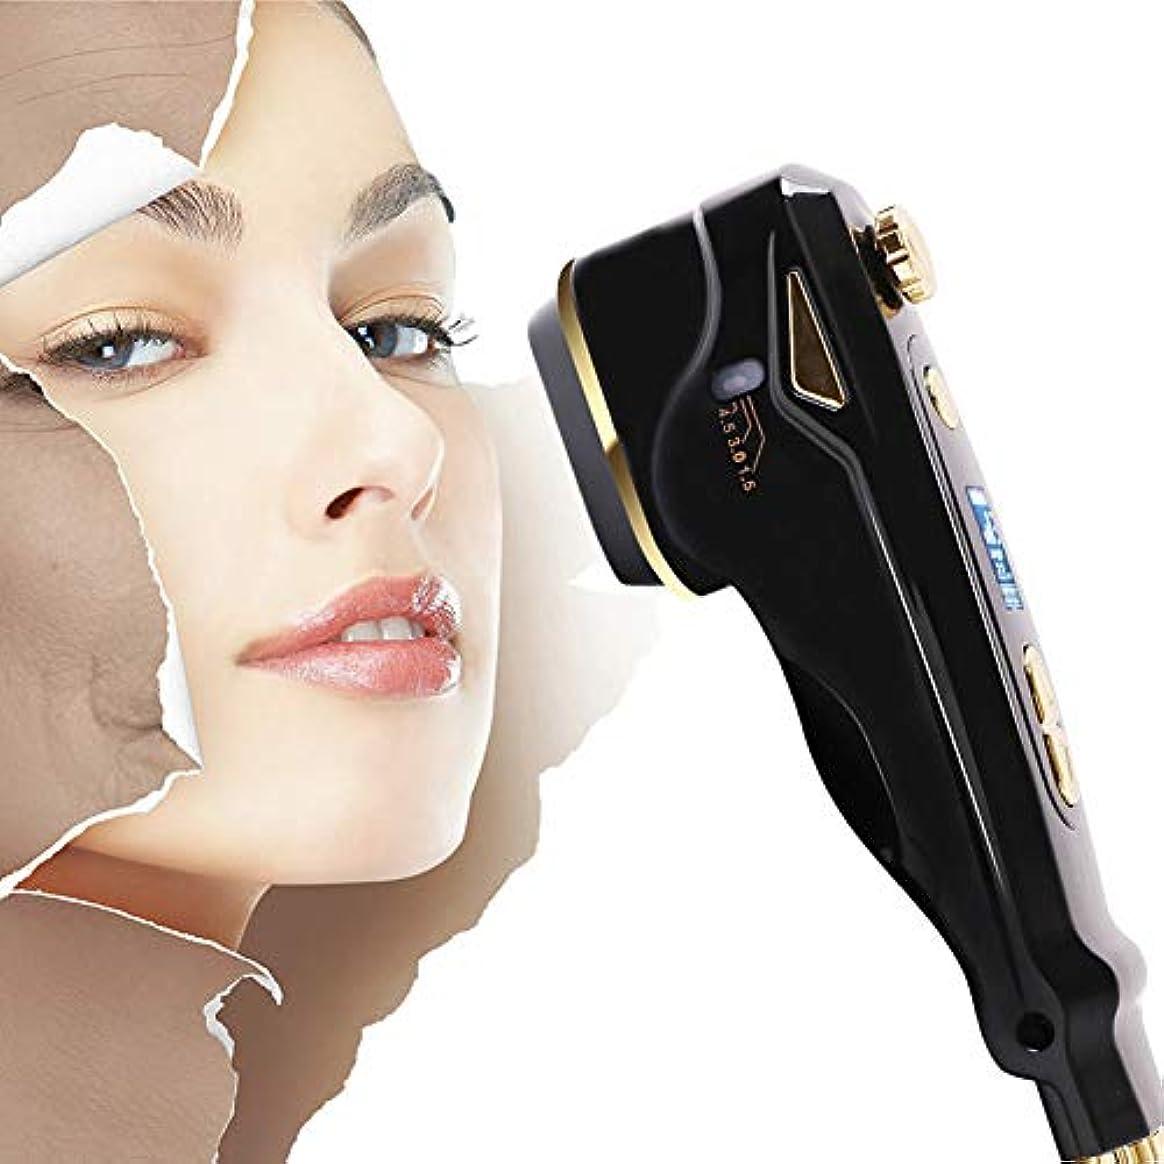 油マインドめ言葉ミニ 1の3 HIFU アンチエイジング 改築 デバイス、 世帯 RF フェイシャル 美しさ 機械 へ 家庭での使用 肌の若返り、 首 しわの除去、 ホワイトニング、 肌の引き締め デバイス